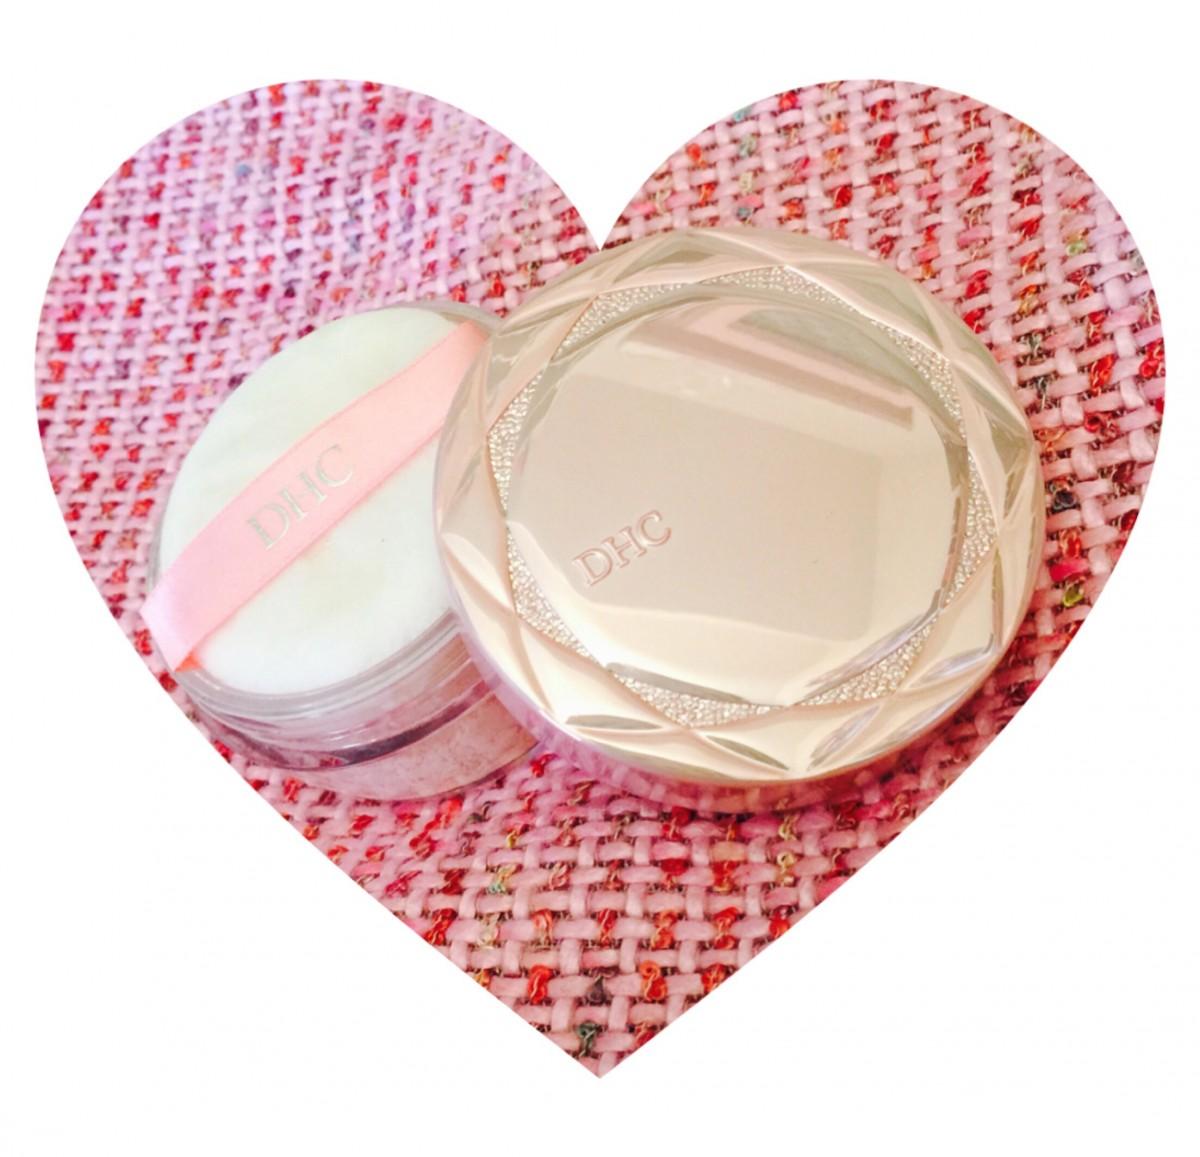 【プチプラ】夕方気になる乾燥ジワにおすすめ!美容液フェイスパウダー